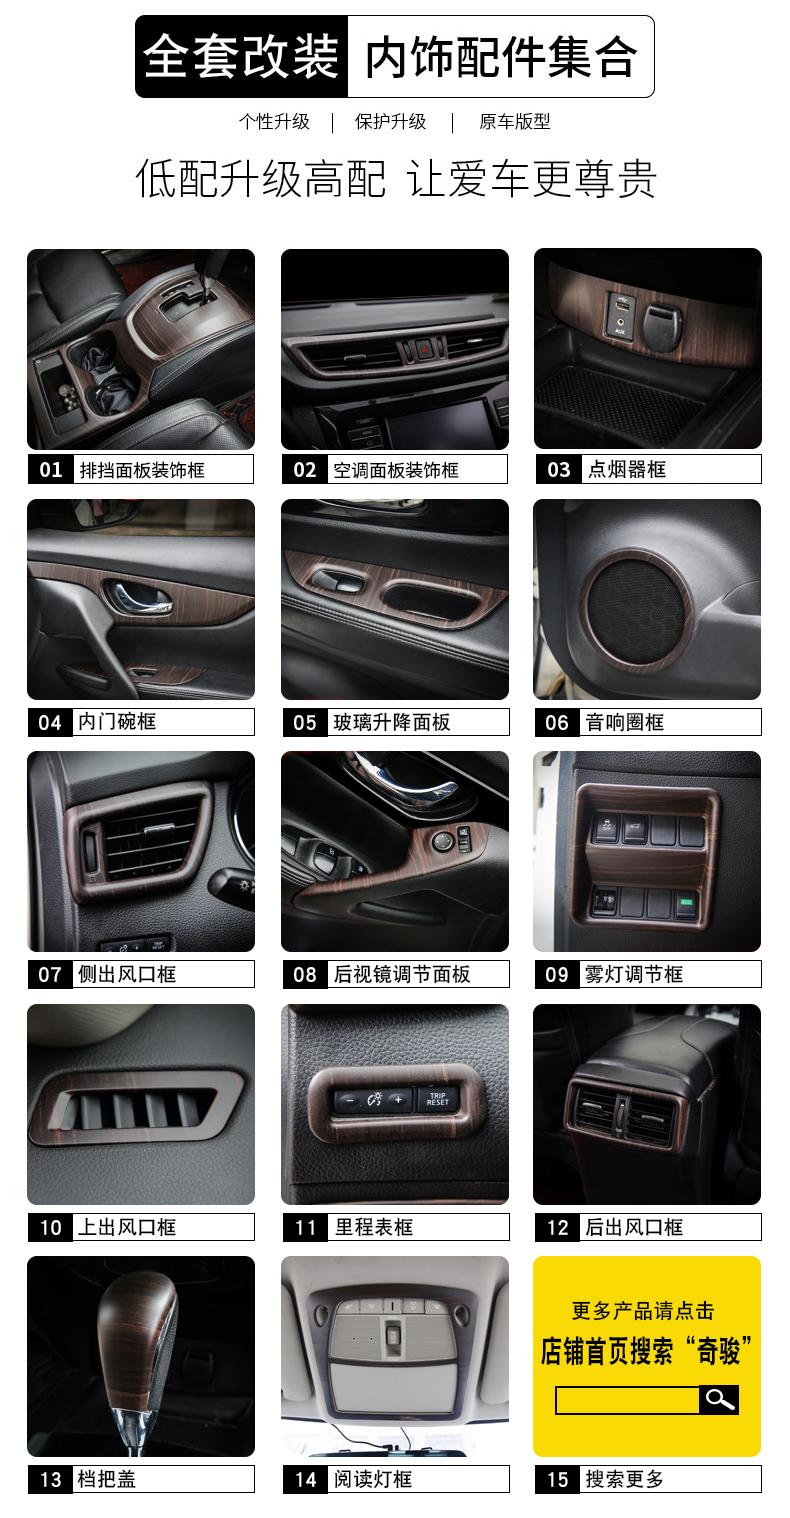 Bộ nội thất Nissan Xtrail 2014-2019 - ảnh 2